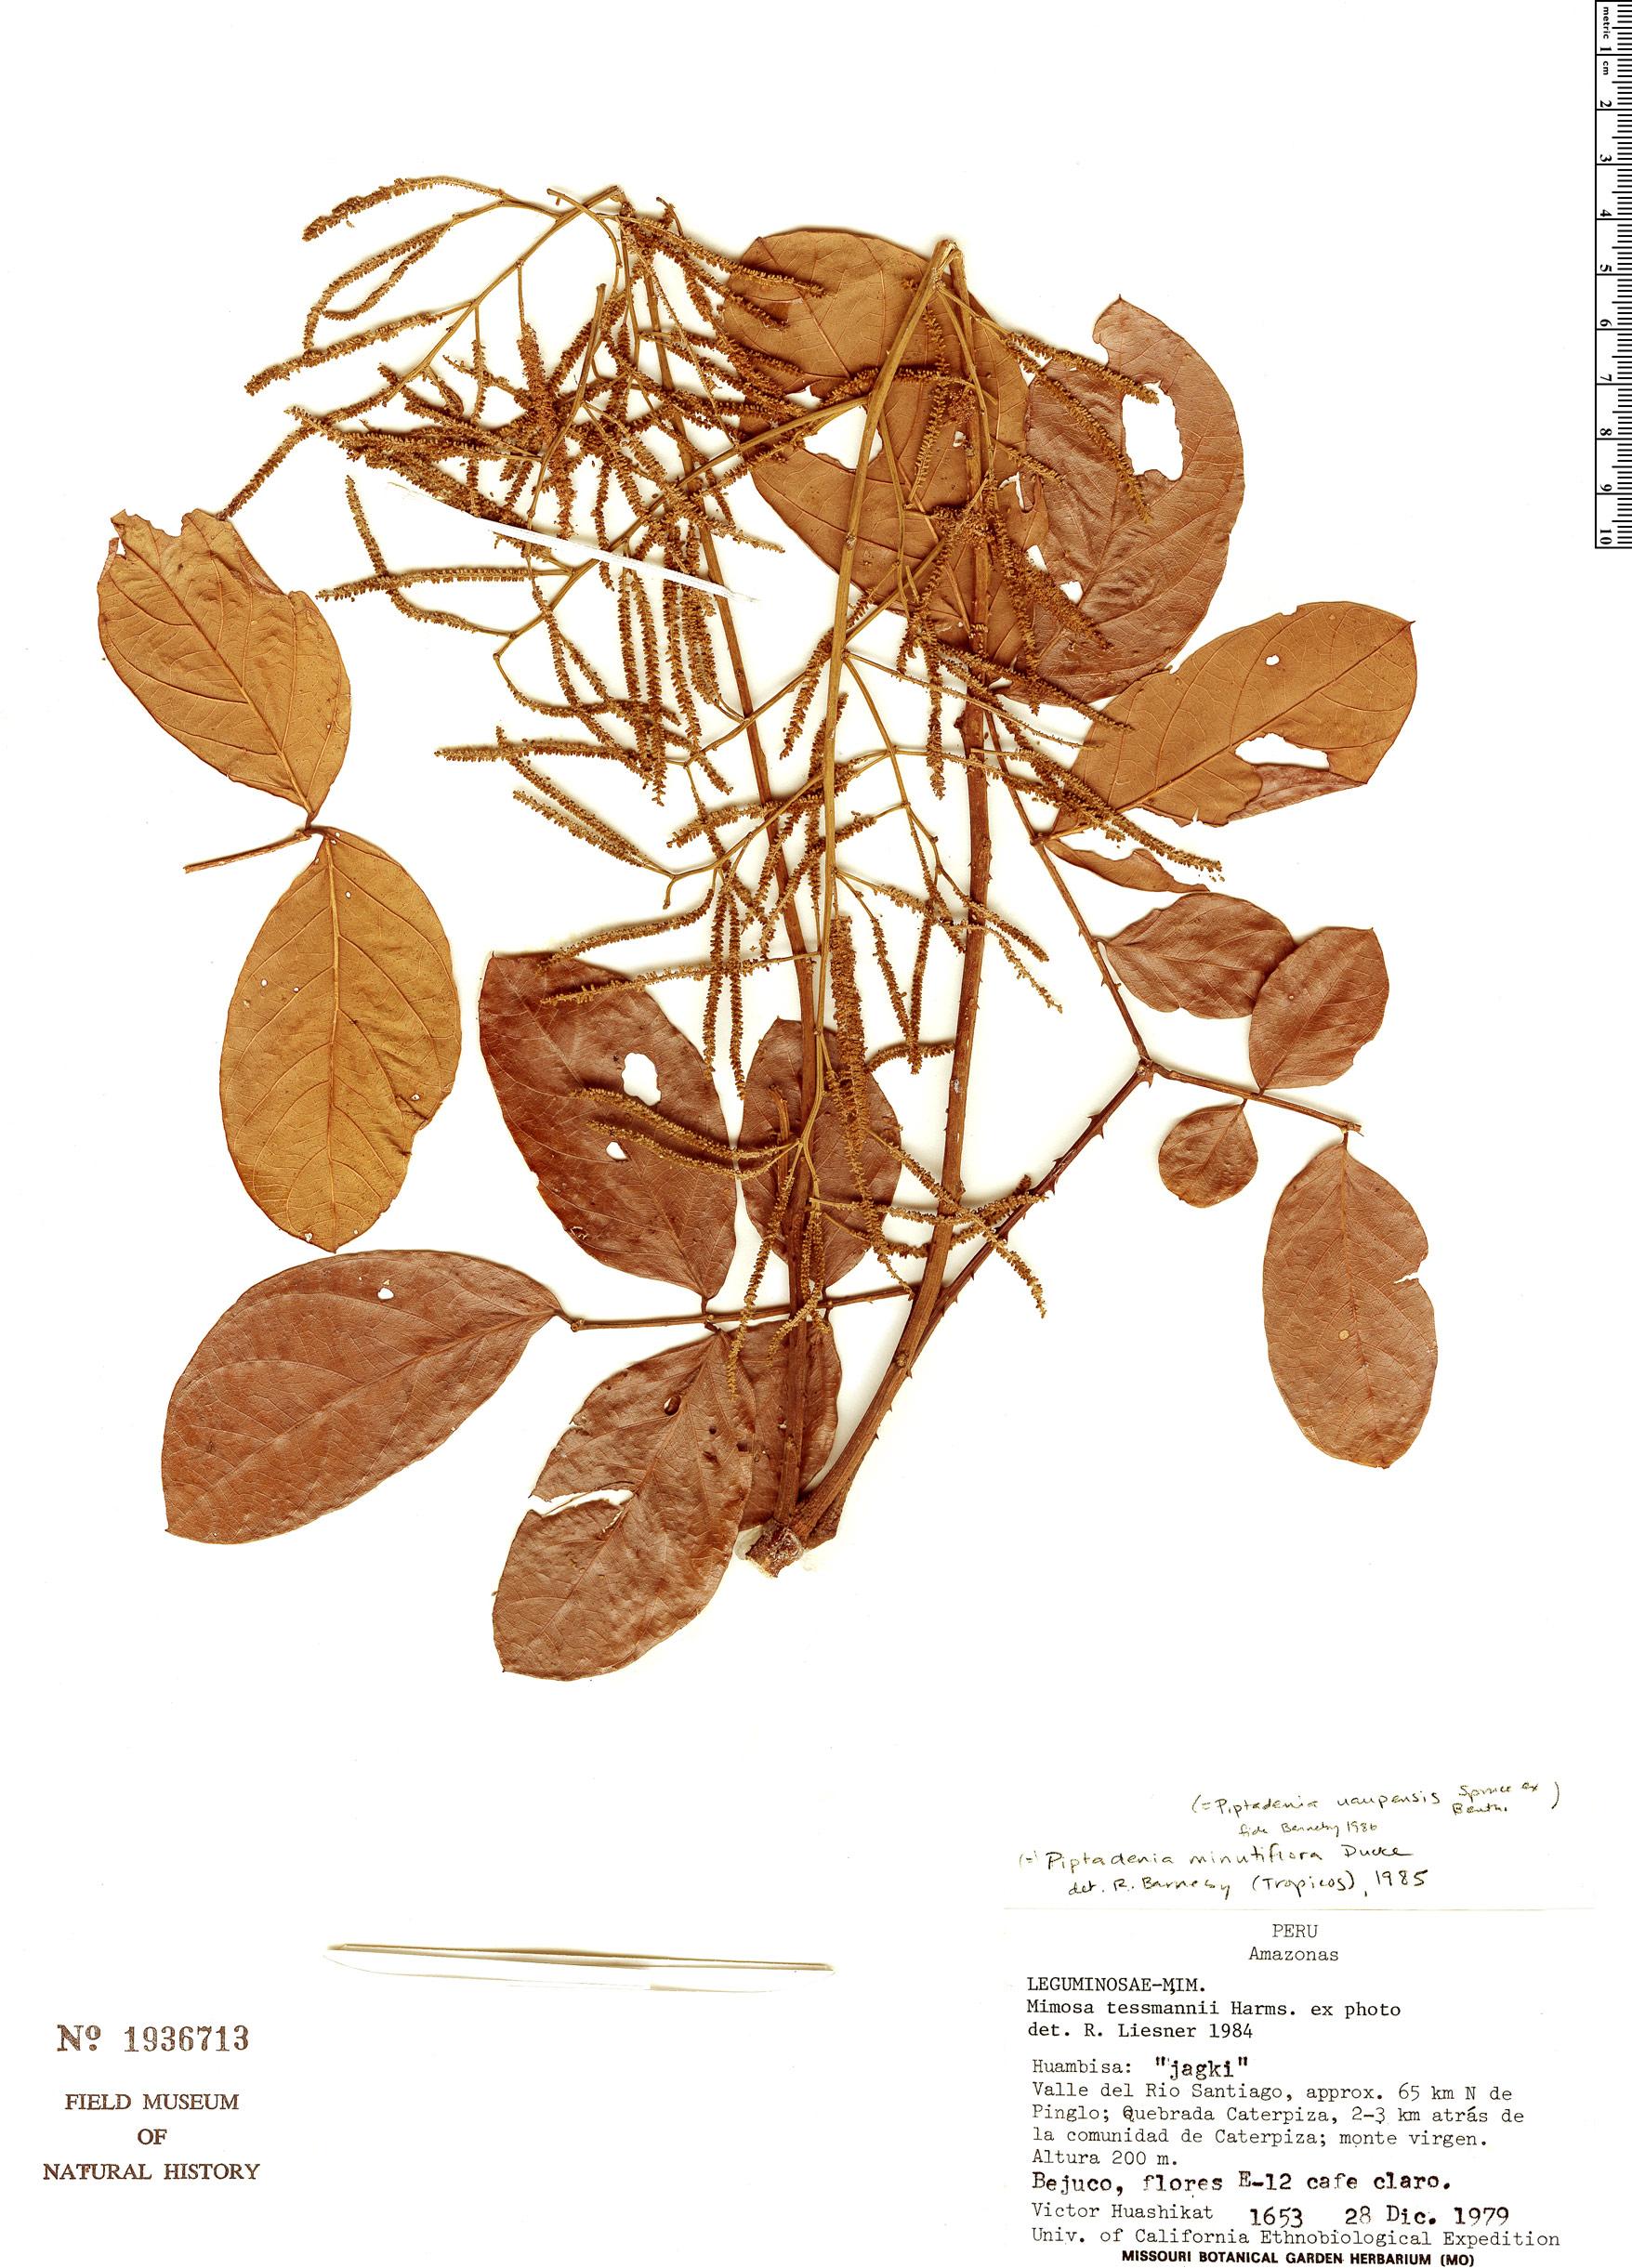 Specimen: Piptadenia uaupensis